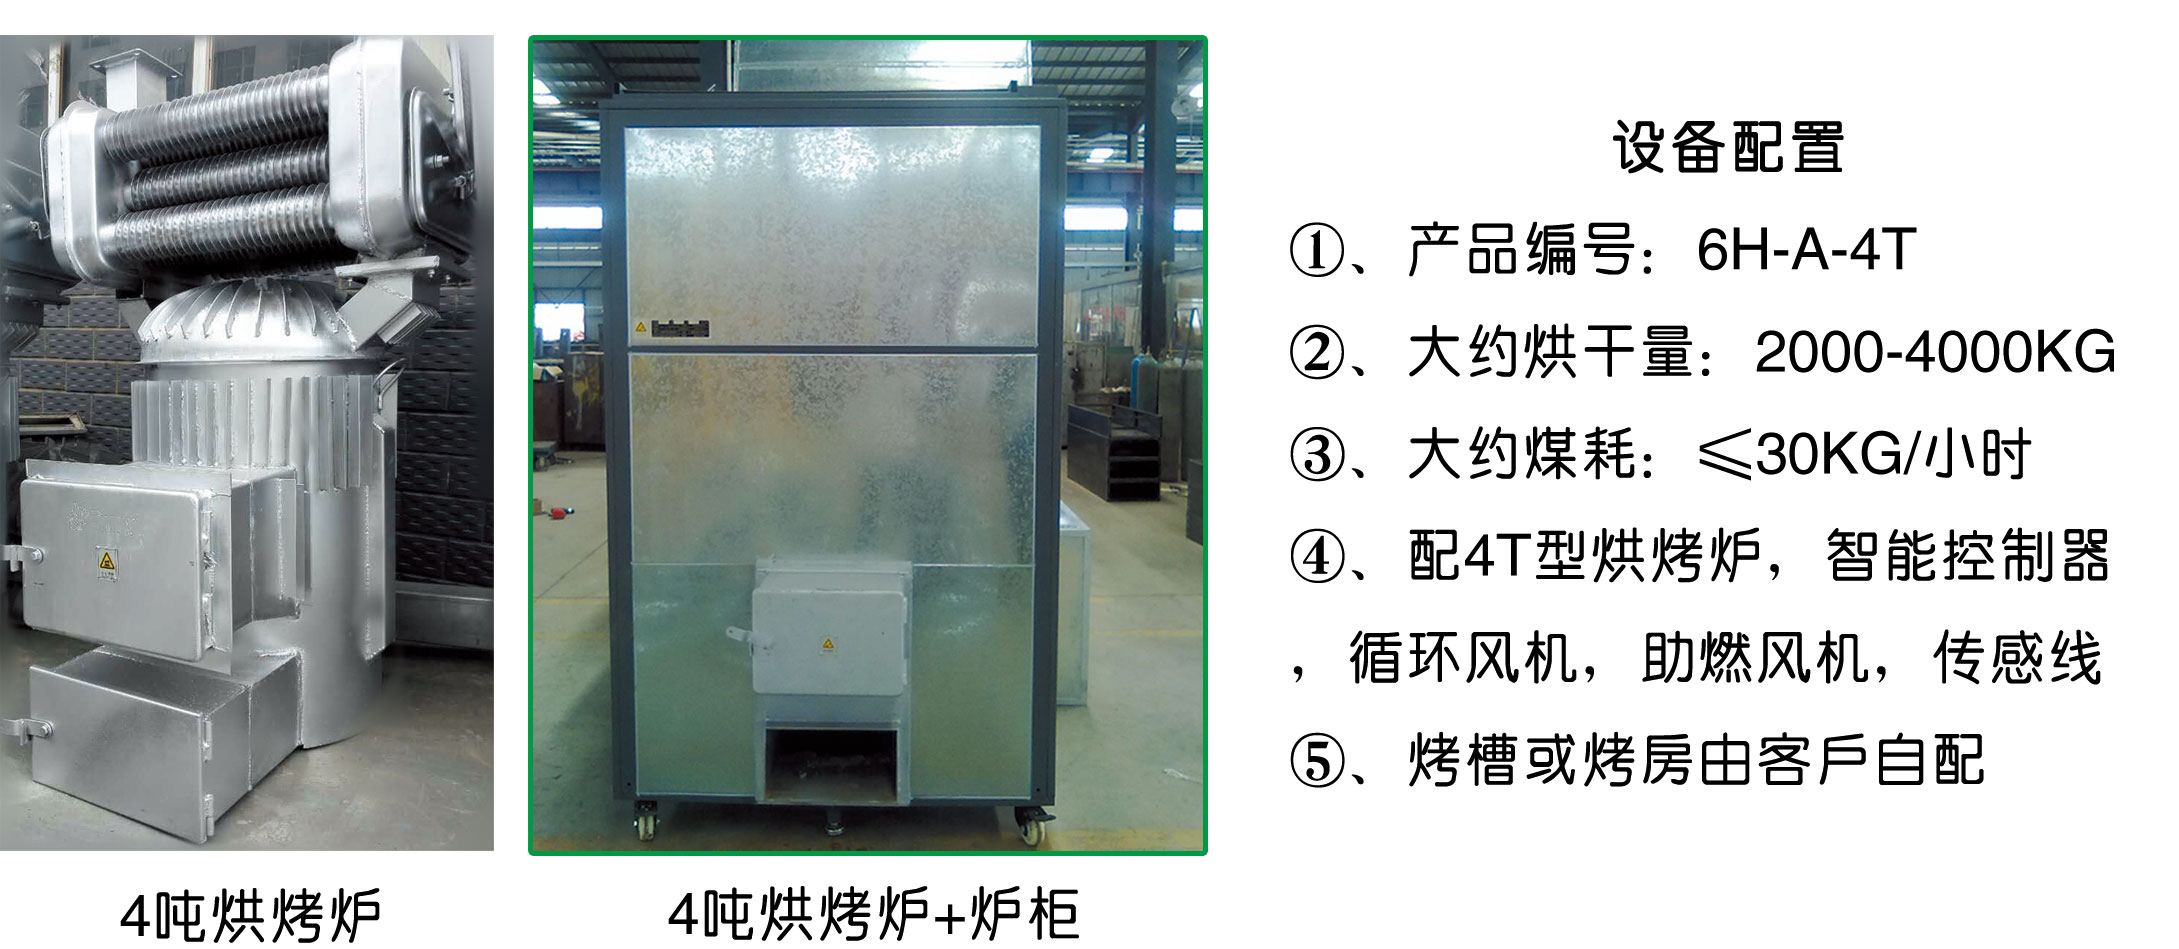 昆明海產品烘干機